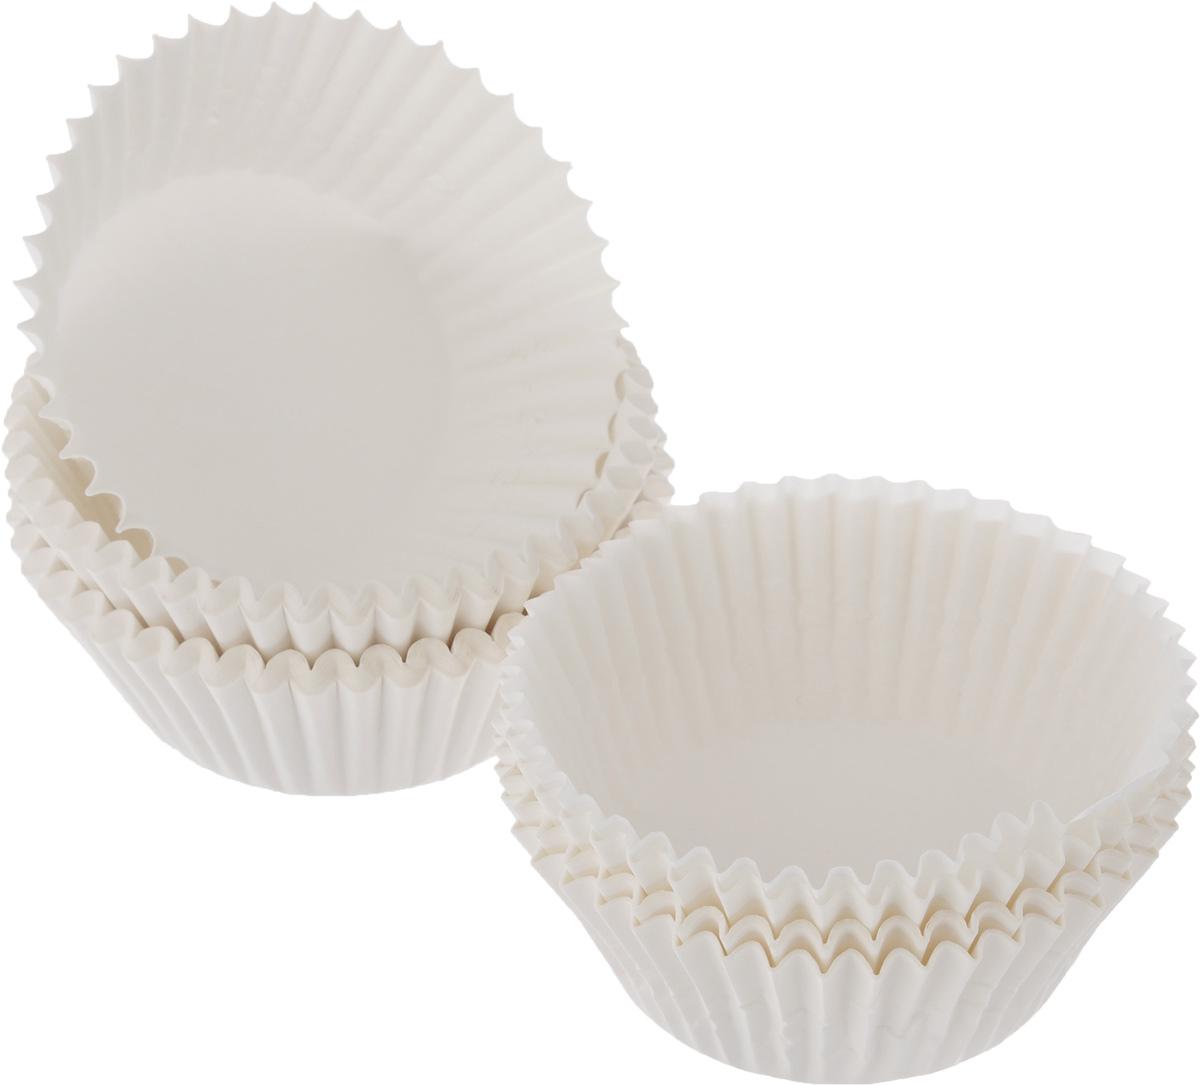 Форма для выпечки Tescoma Delicia, бумажная, диаметр 6,5 см, 100 шт54 009312Формы для выпечки Tescoma Delicia, изготовленные из высококачественной бумаги, выдерживают высокую температуру. В комплекте 100 форм, выполненных в виде мини-кексов. Если вы любите побаловать своих домашних вкусным и ароматным угощением по вашему оригинальному рецепту, то формы Tescoma Delicia как раз то, что вам нужно!Диаметр формы (по верхнему краю): 6,5 см.Высота формы: 3 см.